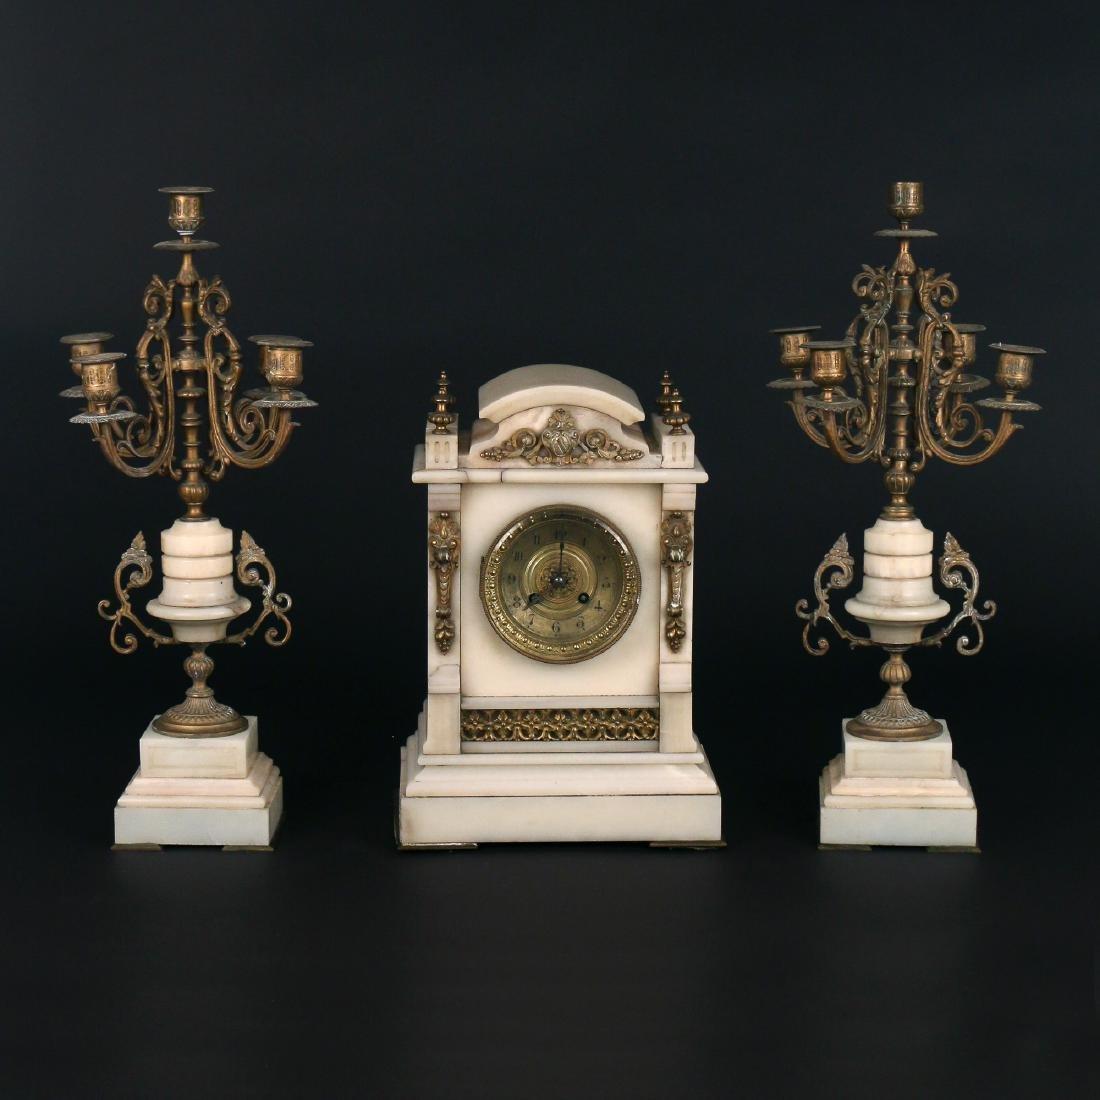 (3pc) L. MARTI FRENCH CLOCK GARNITURE